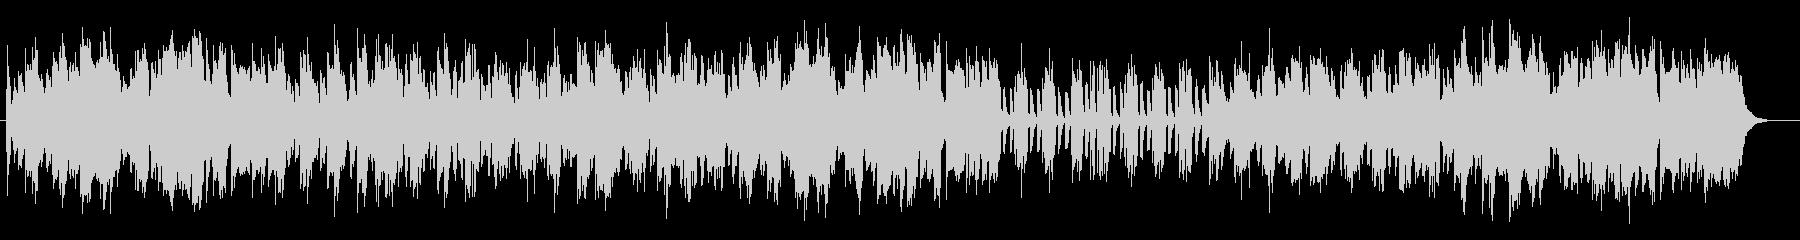 暖かみのあるピアノポップスの未再生の波形